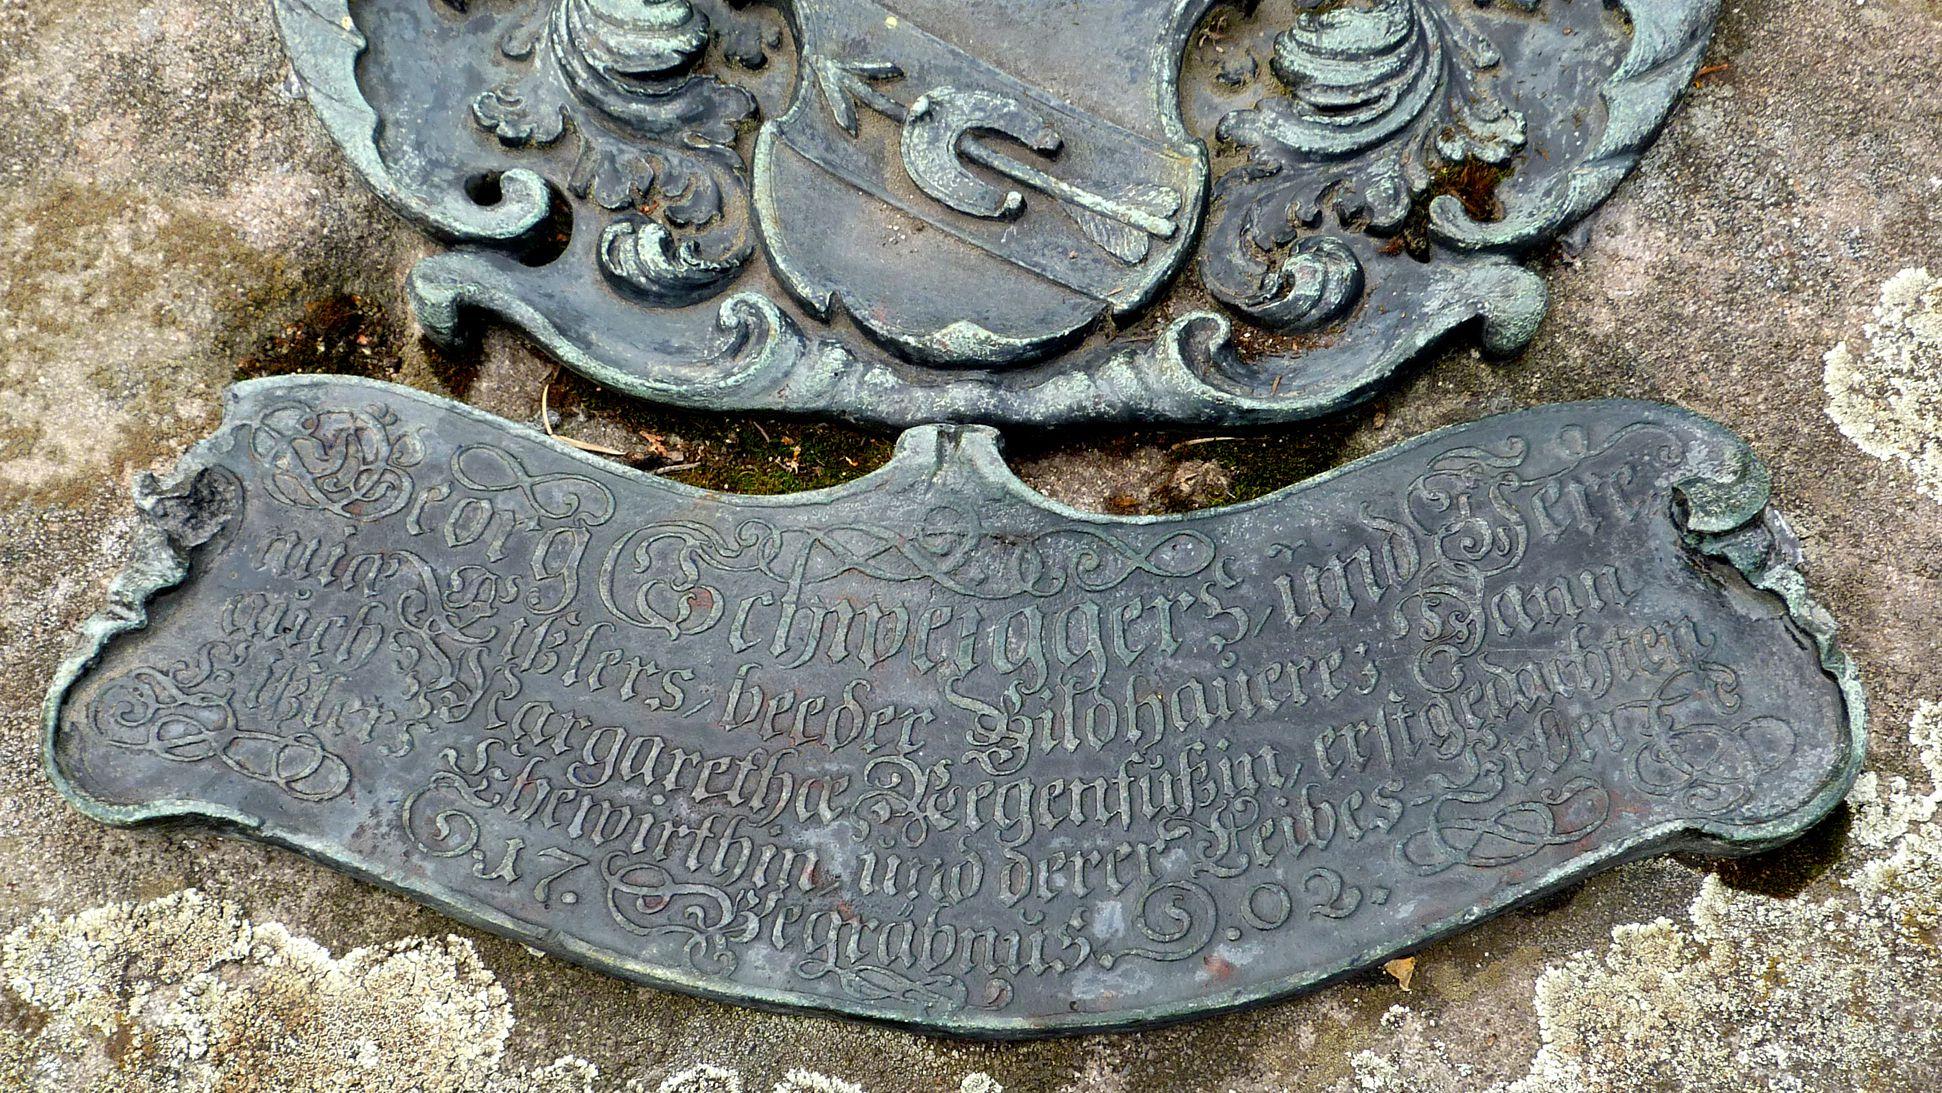 Epitaph von Georg Schweigger, Jeremias Eissler und Margaretha Regenfuss Inschrift